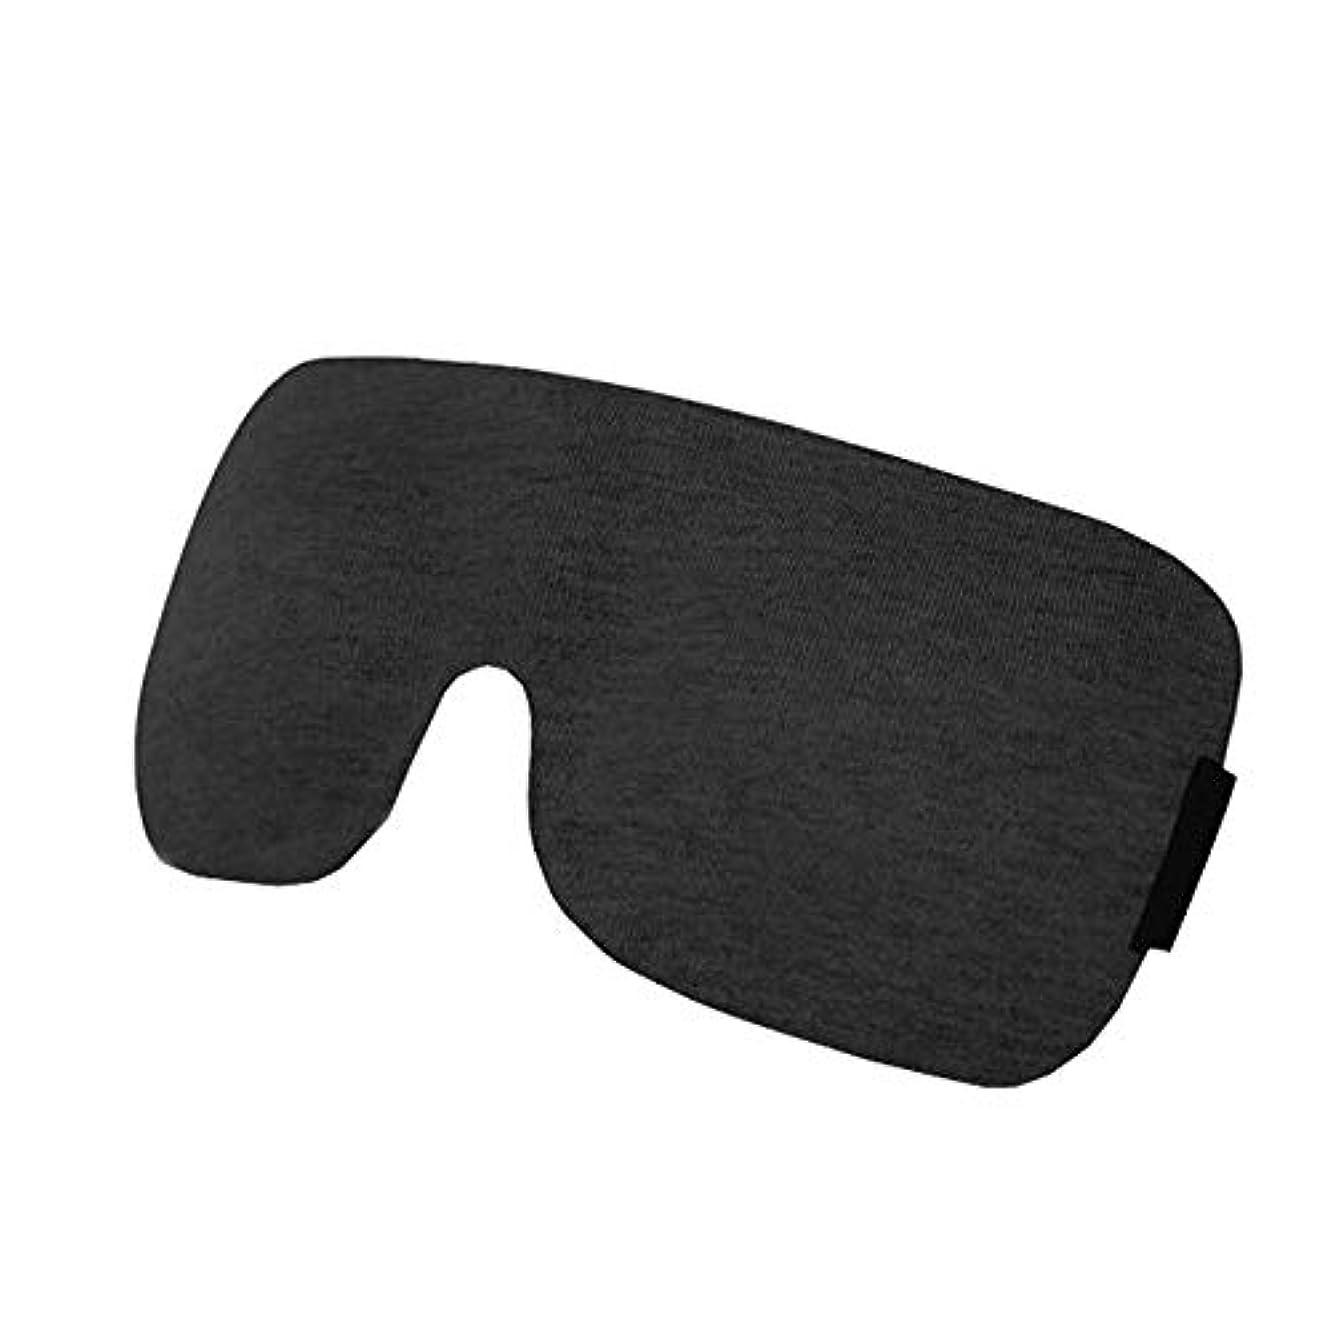 女性欠伸エッセンスHUICHEN 特別な子供の睡眠ゴーグルゴーグルアイシェードアイゴーグルゴーグルをプッシュしていない昼寝ゴーグル学生子供通気性の綿の3D (Color : Black)